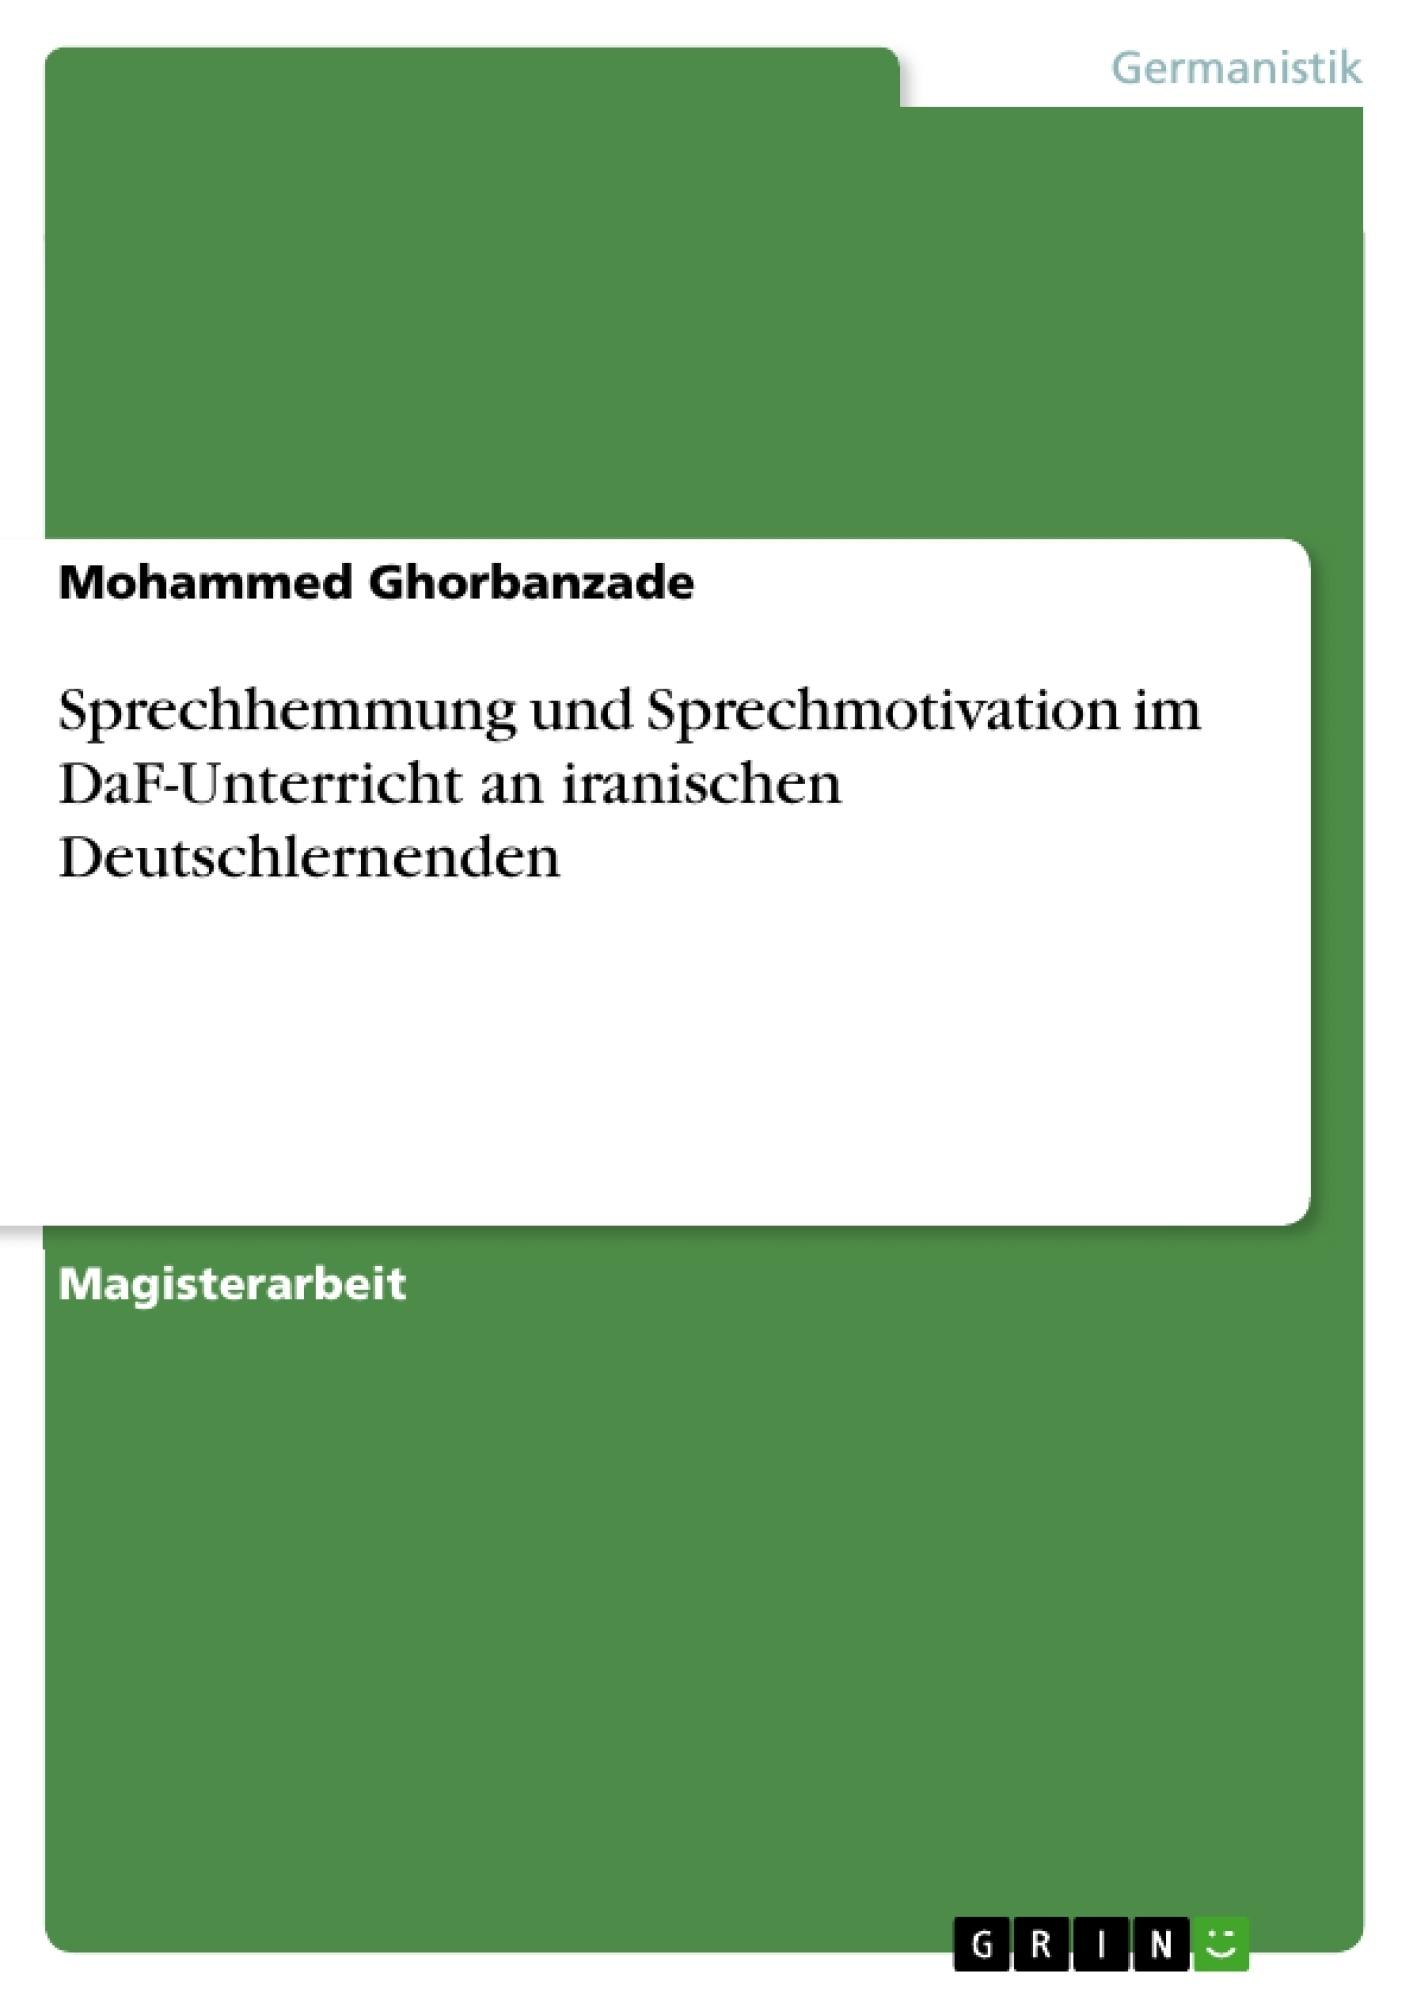 Titel: Sprechhemmung und Sprechmotivation im DaF-Unterricht an iranischen Deutschlernenden